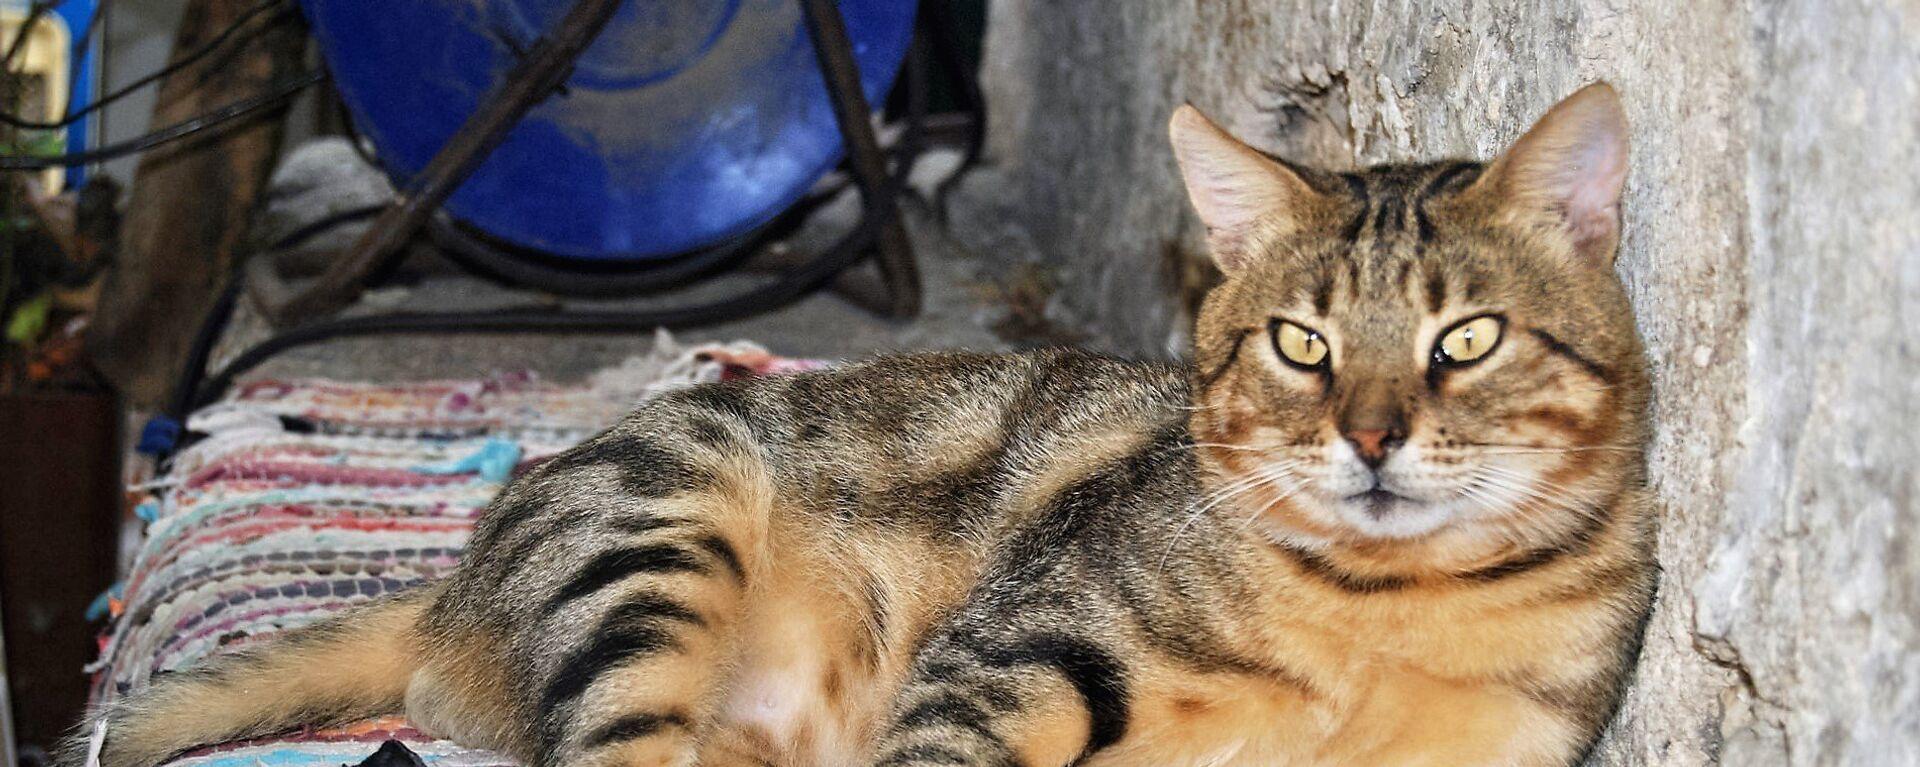 Mačke žive u bliskoj vezi sa ljudima najmanje 9.500 godina. - Sputnik Srbija, 1920, 17.08.2021